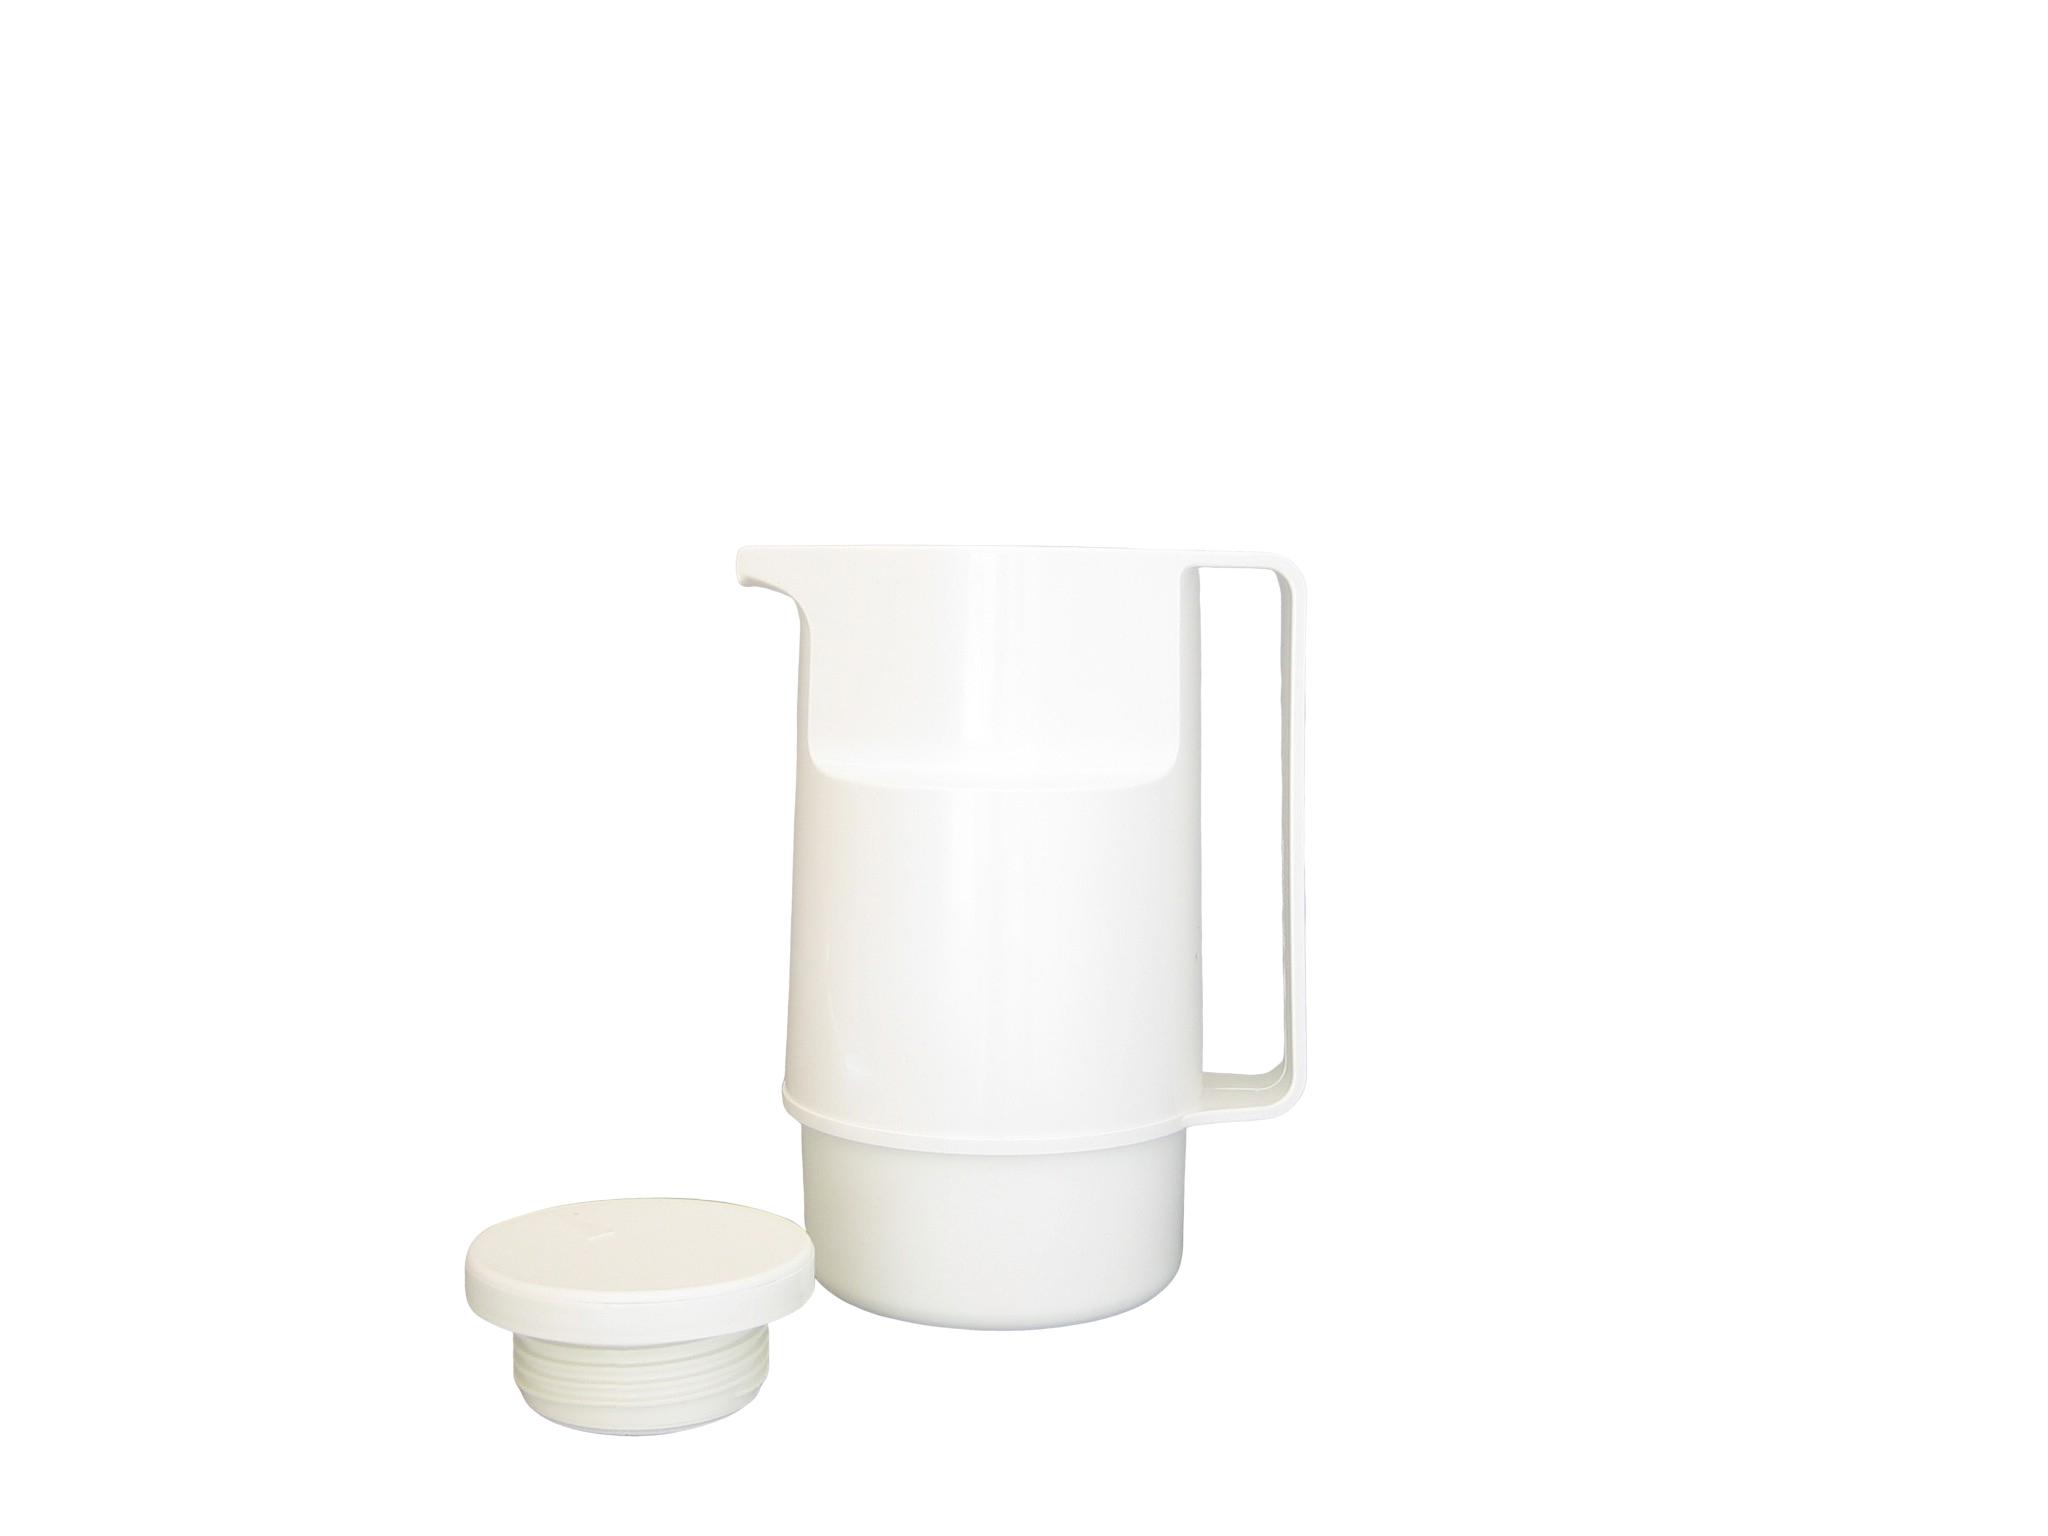 206-001 - Isoleerkan ABS wit 0.60 L - Isobel